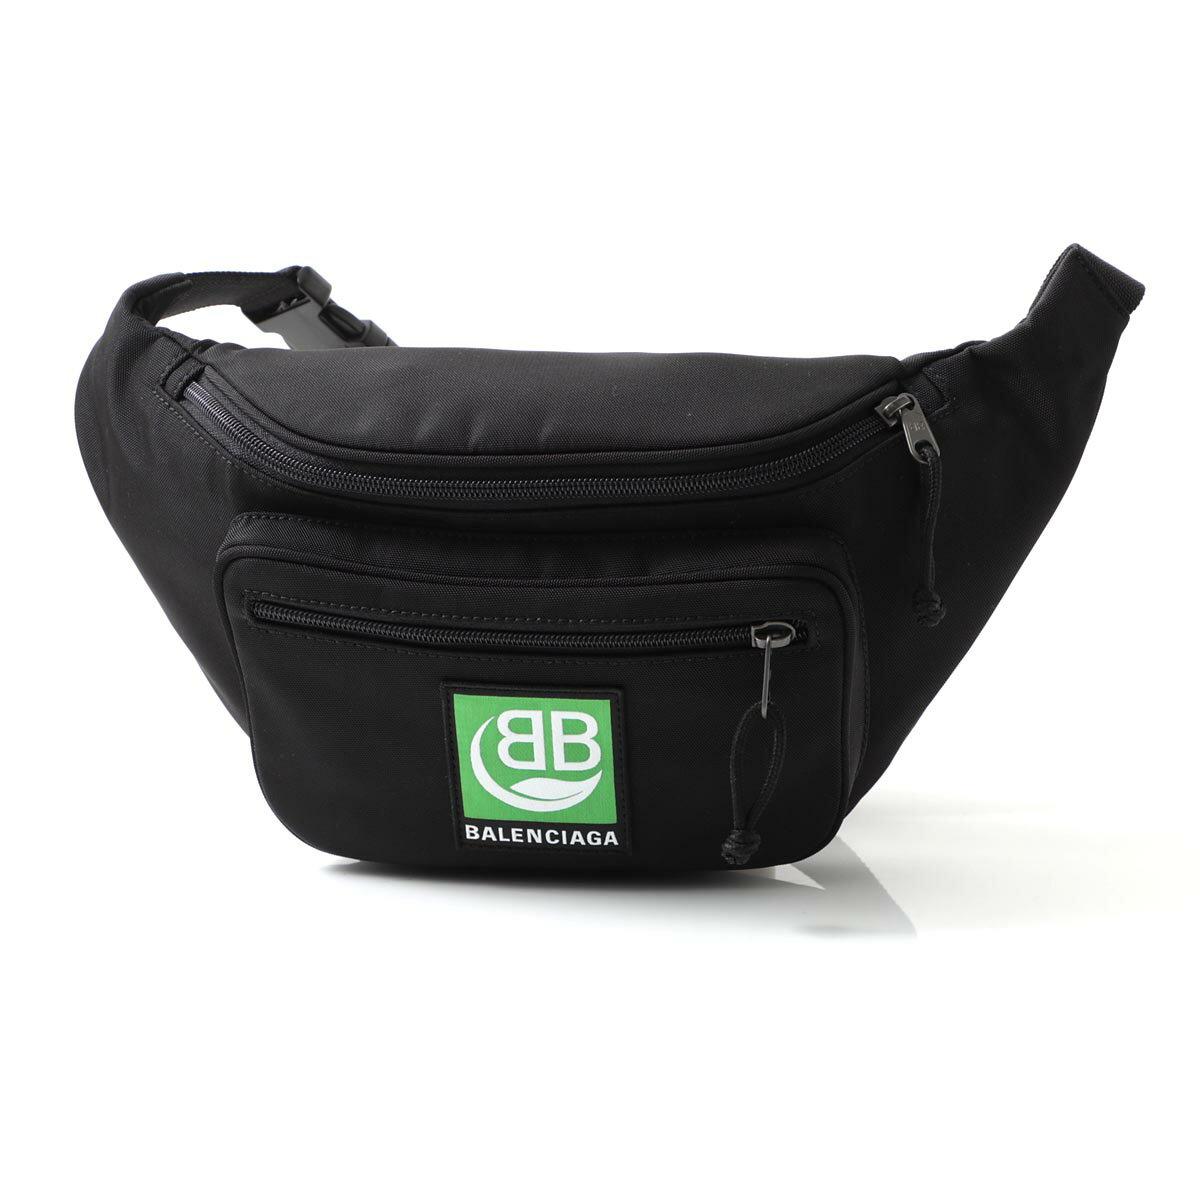 メンズバッグ, ボディバッグ・ウエストポーチ  BALENCIAGA 482389 9wba5 1000 EXPLORER BODY BAG GREEN LOGO